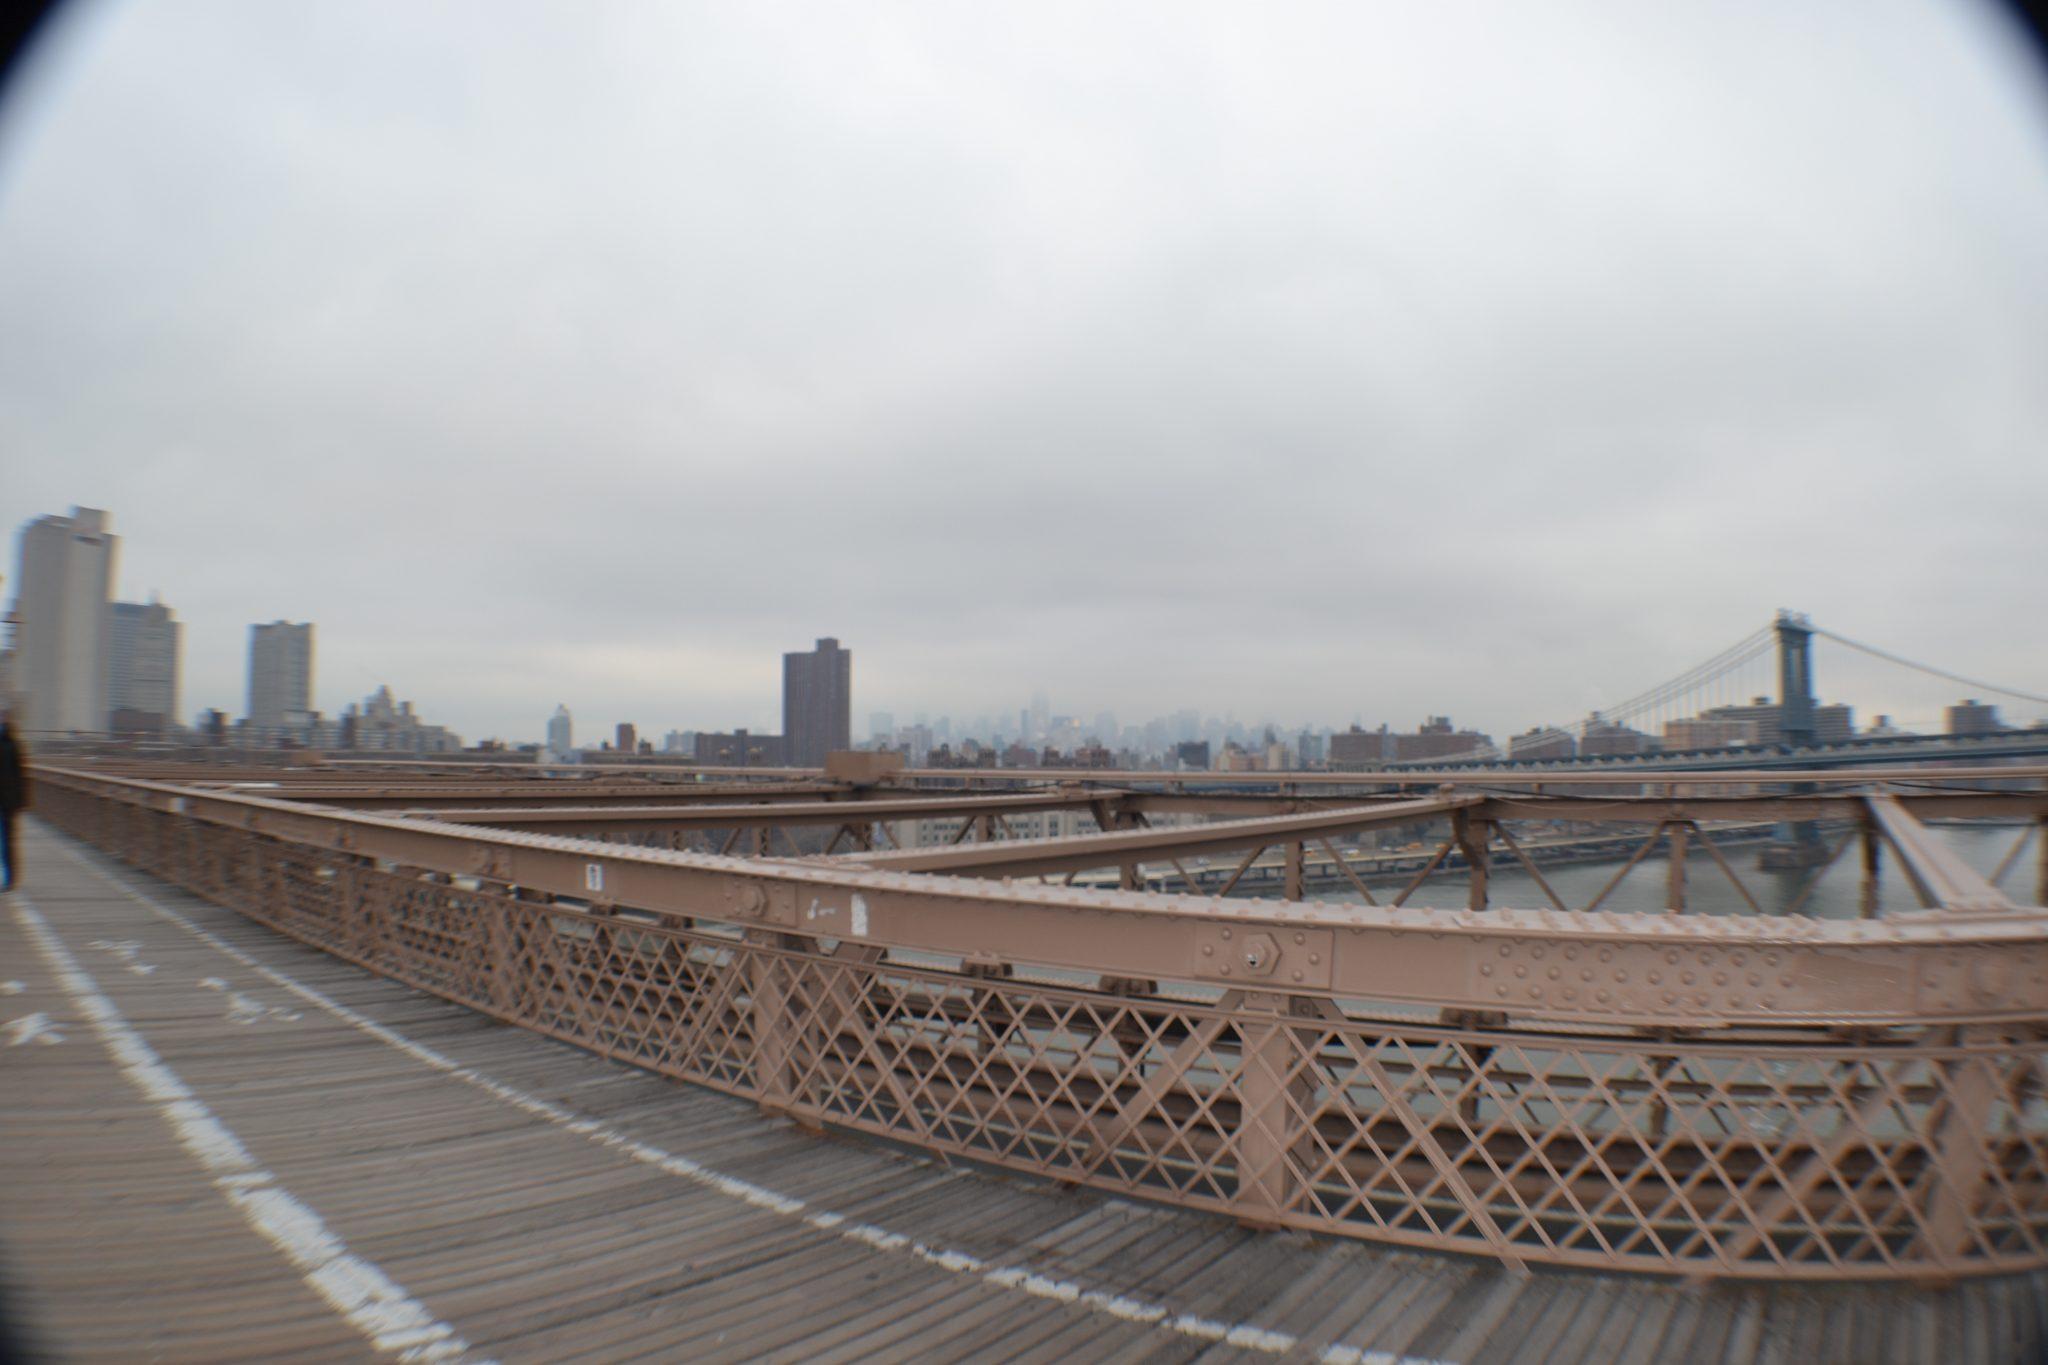 Eine Woche in New York: Brooklyn Bridge & Citystore - dsc 0034